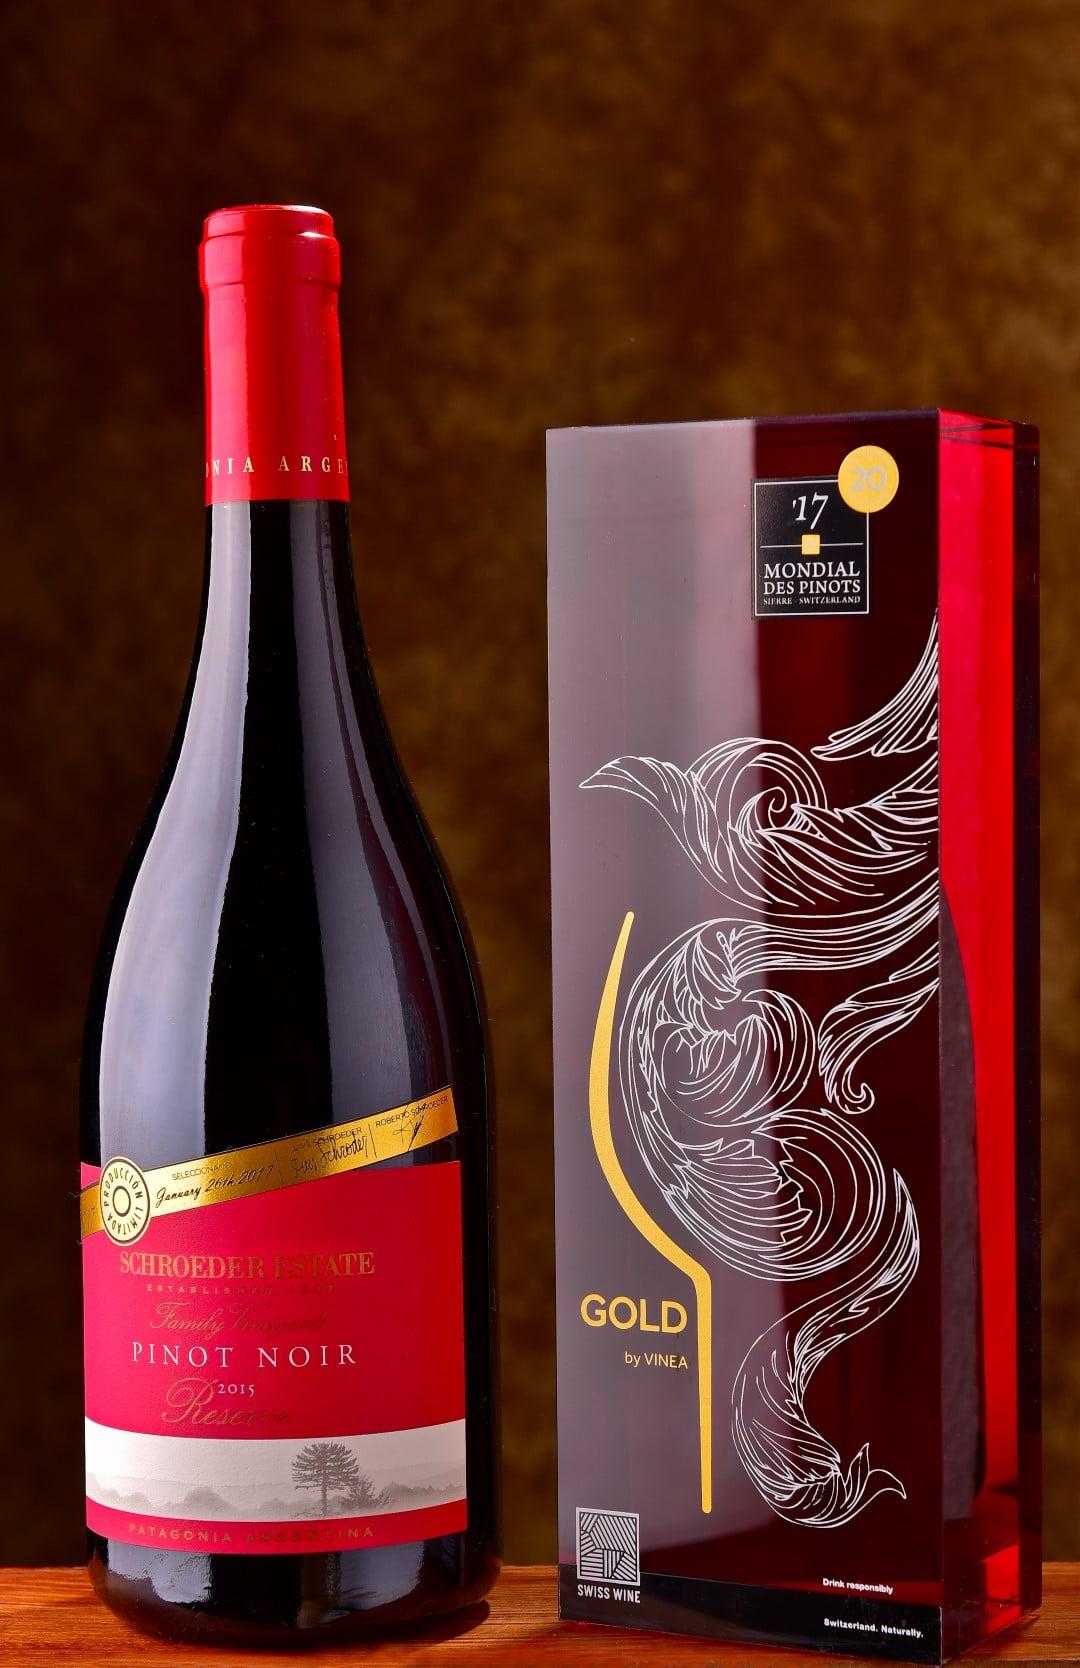 Bodega Familia Schroeder ganador del Oro en el Mundial de Pinots